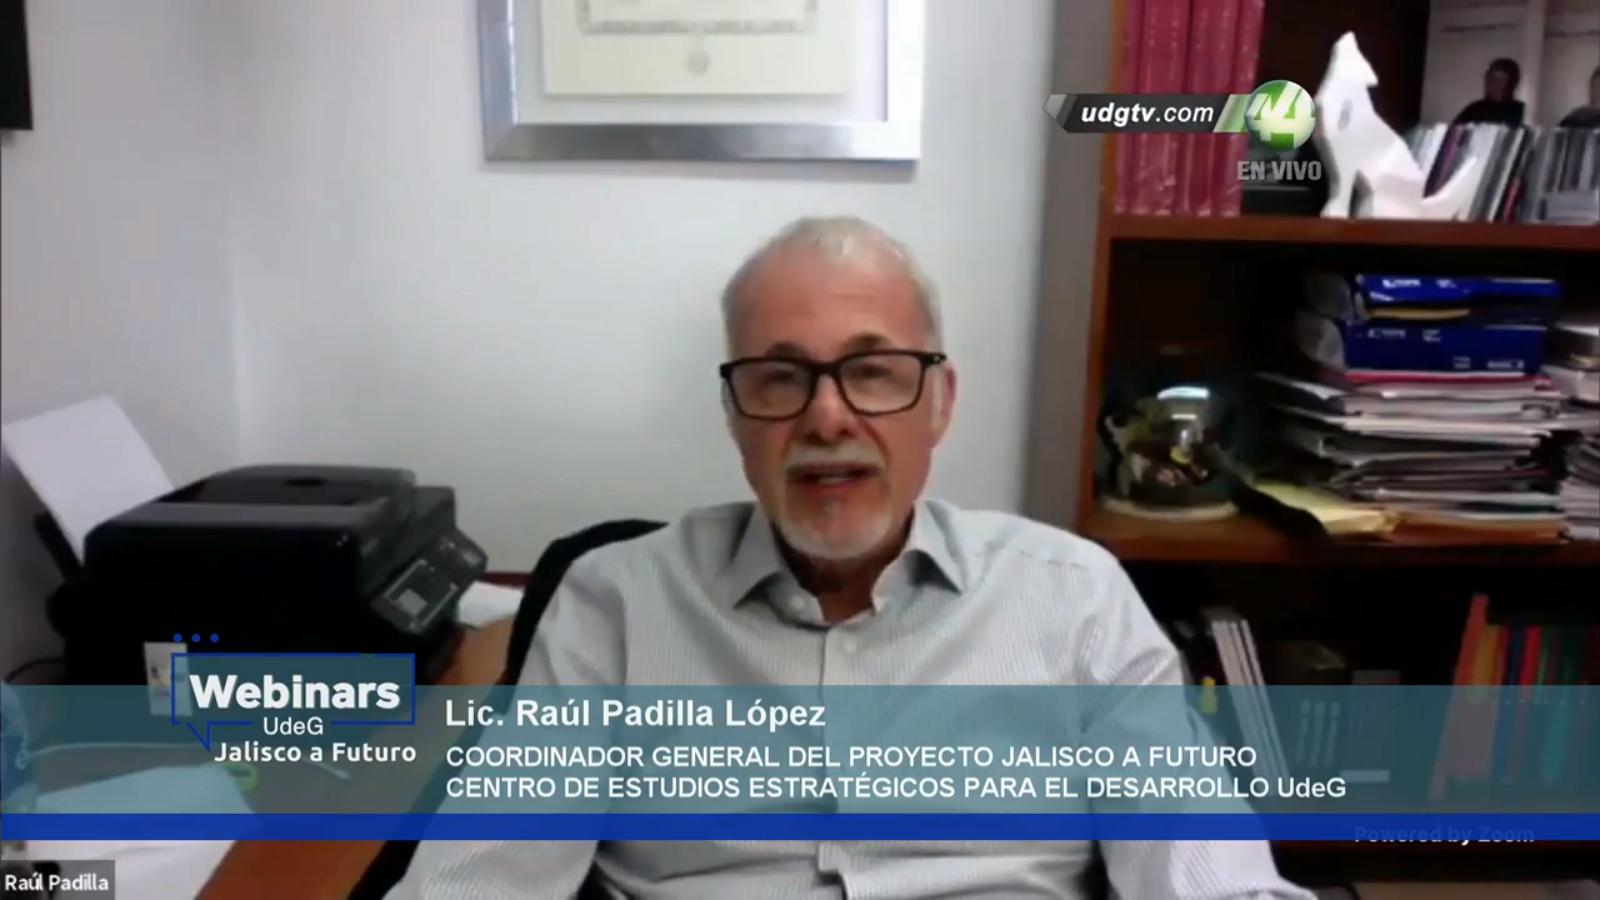 El licenciado Raúl Padilla López en su papel de Coordinador General del proyecto Jalisco a Futuro, del Centro de Estudios Estratégicos para el Desarrollo (CEED)